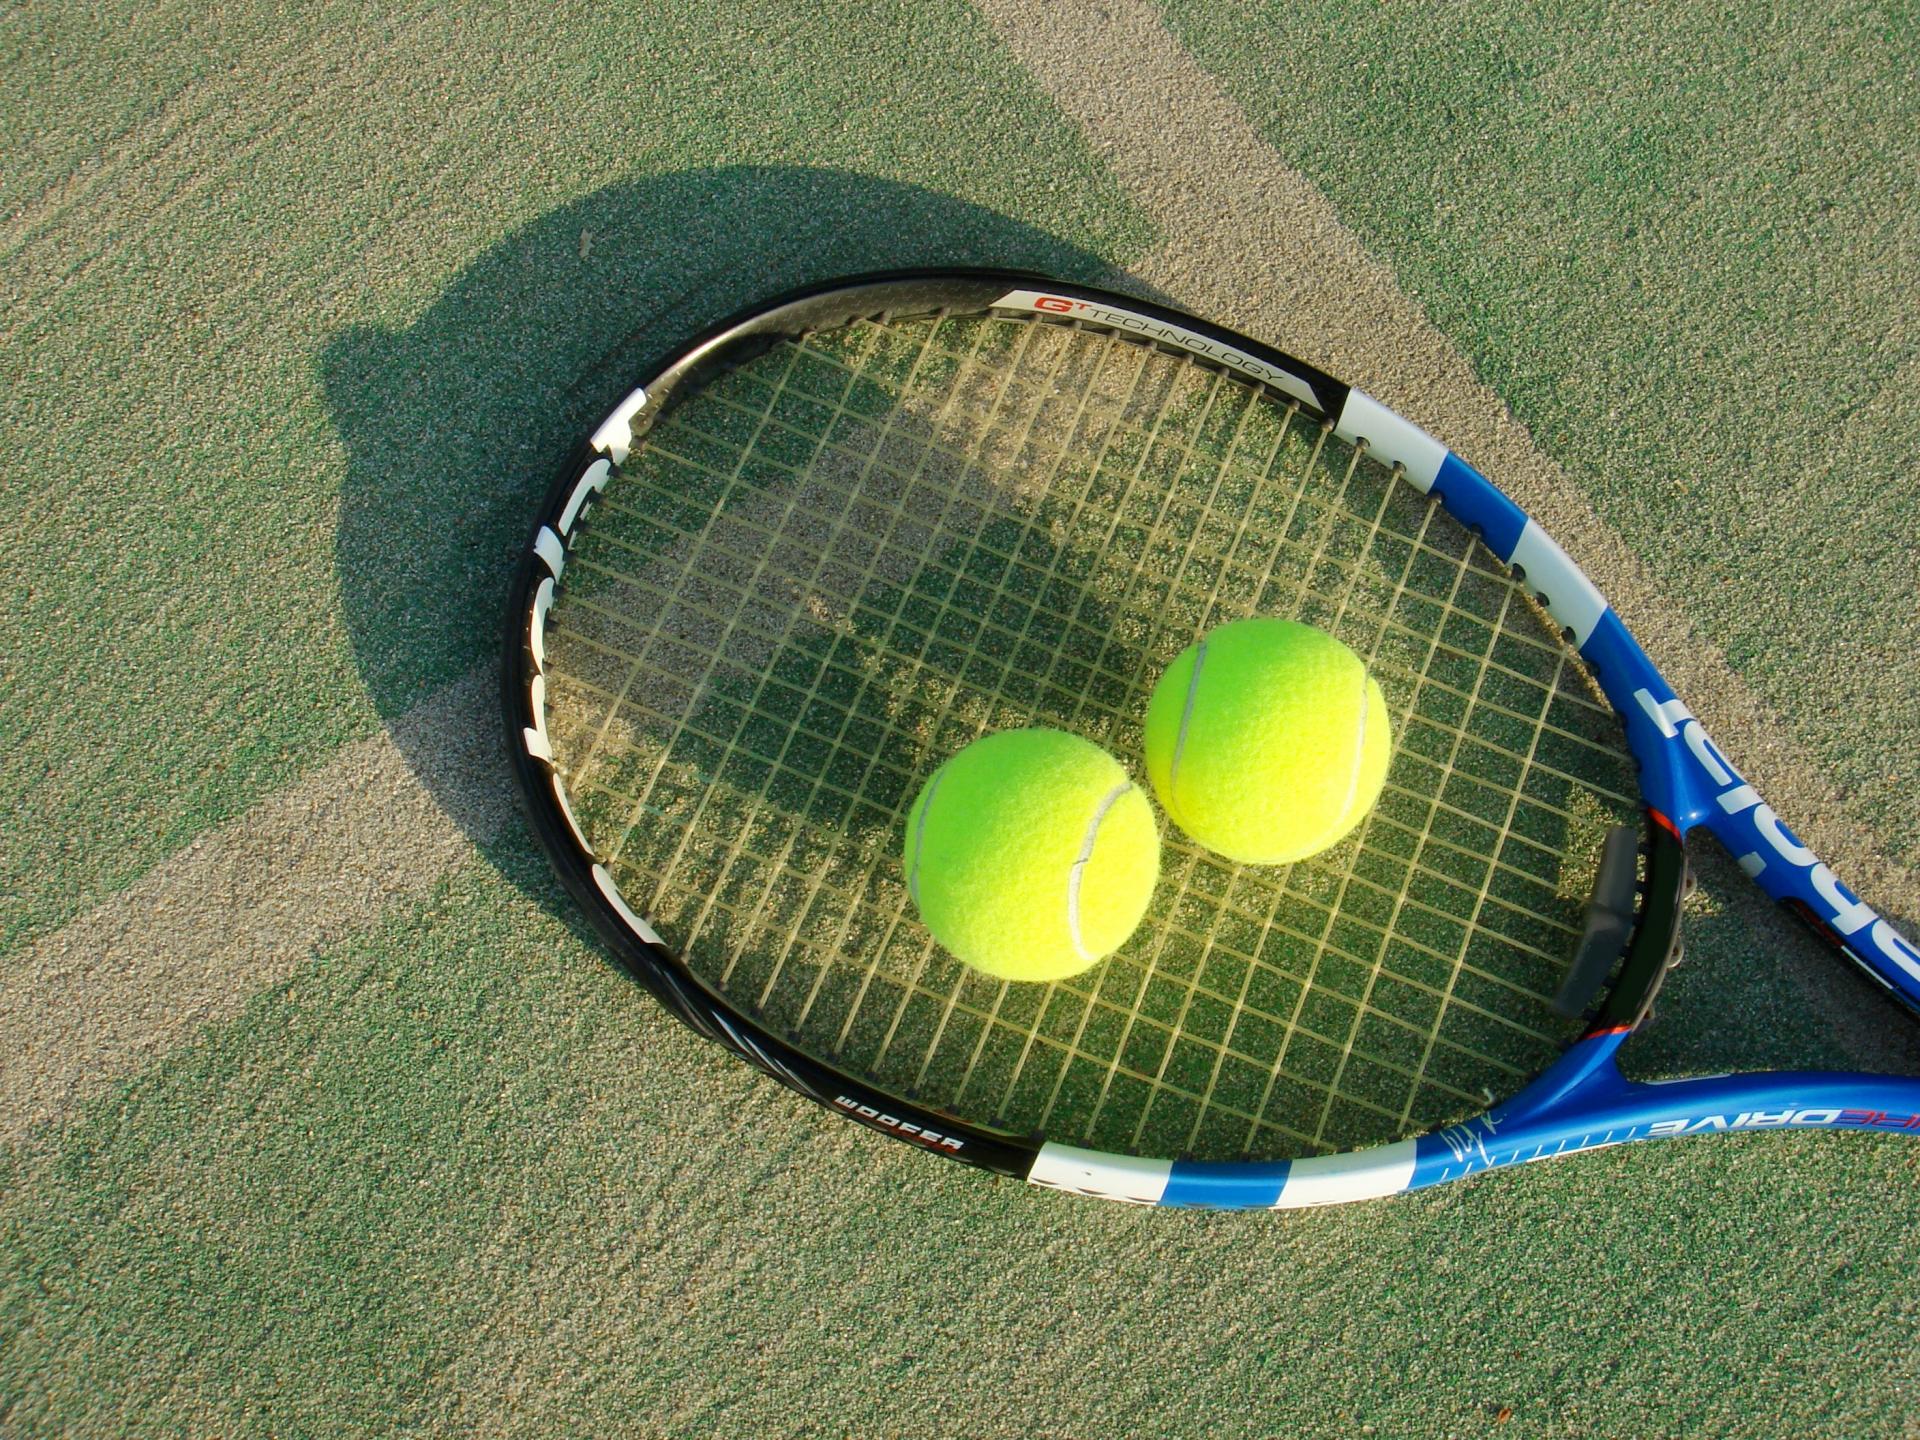 コートの上に置かれたテニスラケットとボール